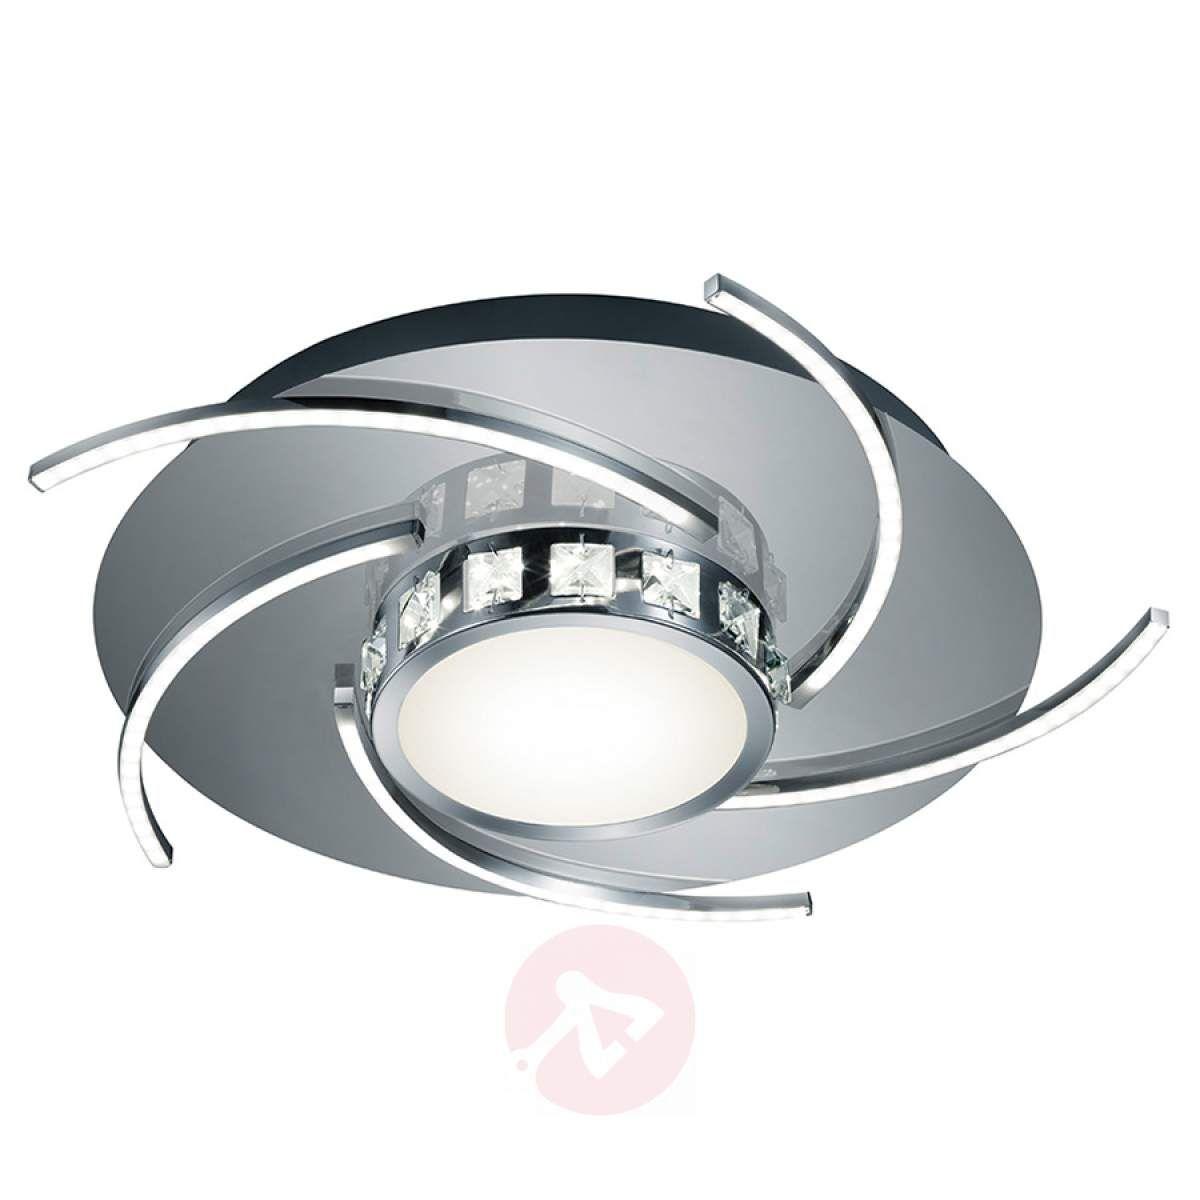 Oprawa Oswietleniowa Lampy Przysufitowe Nowoczesne Sklep Z Lampami Katowice Lampa Sufitowa Wiszaca Scandi Sklep Z Lampami W Led Kitchen Appliances Lamp